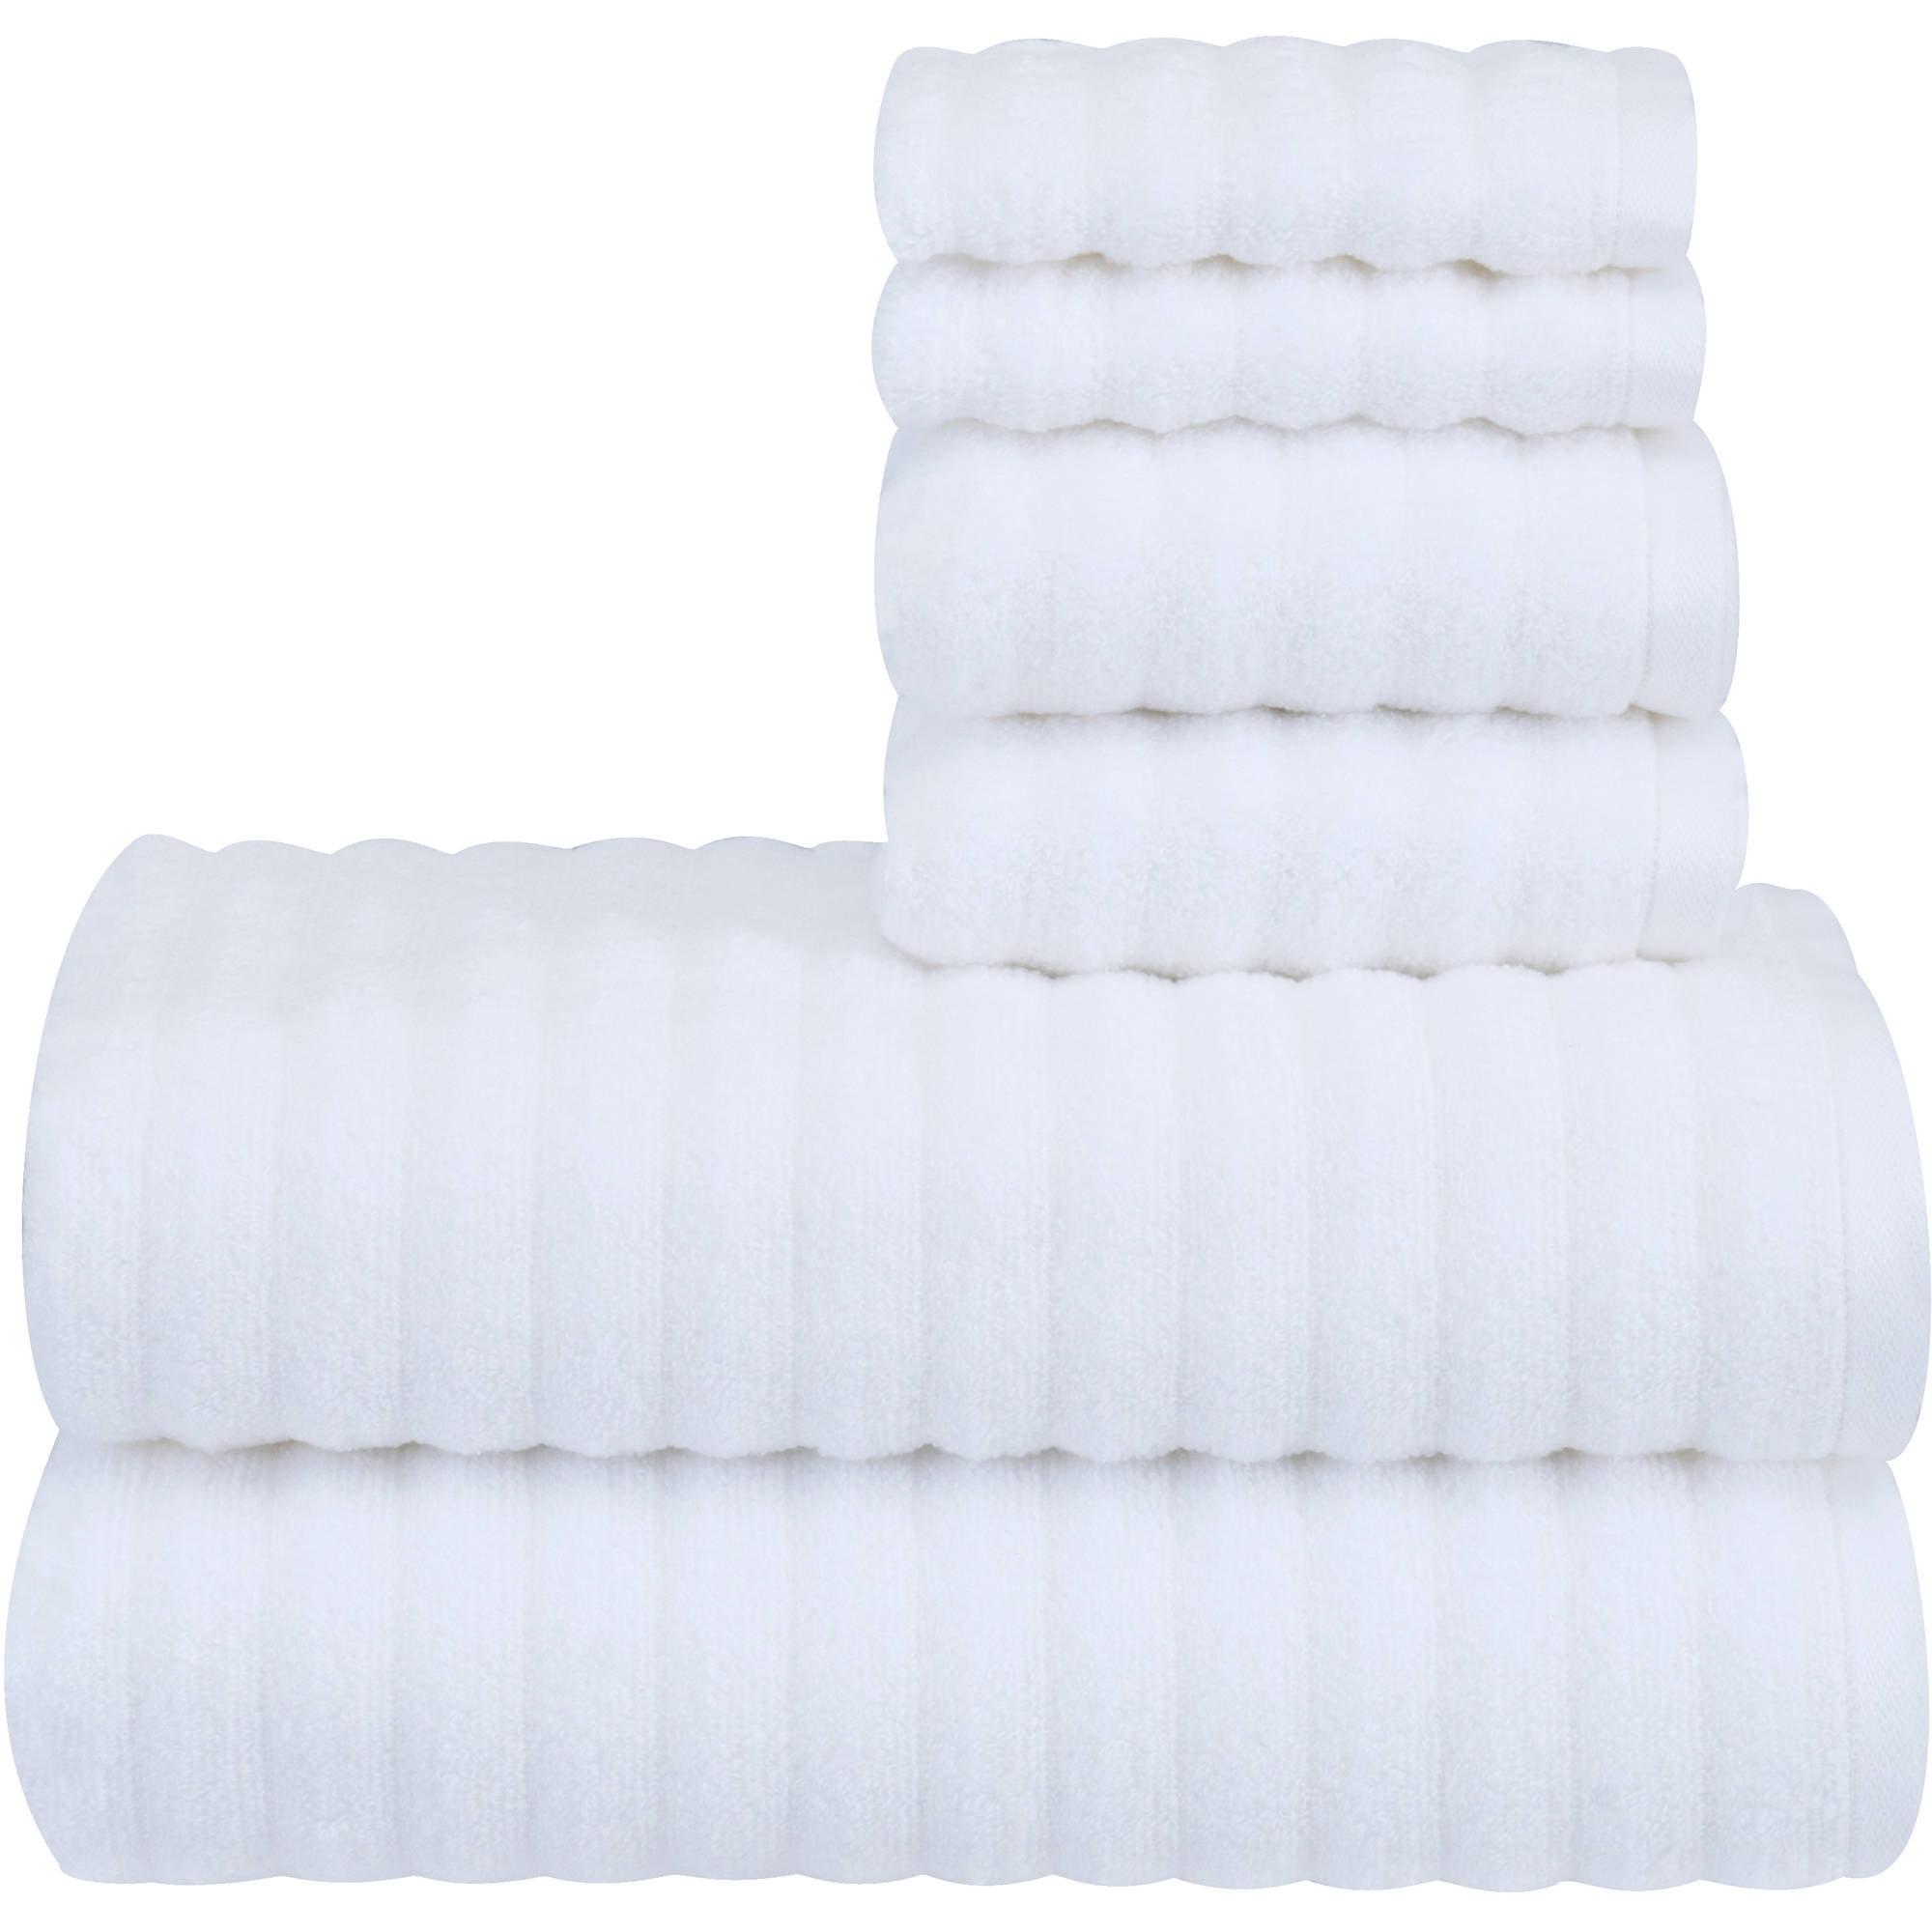 Mainstays Textured Performance Towel - 6 Piece Set